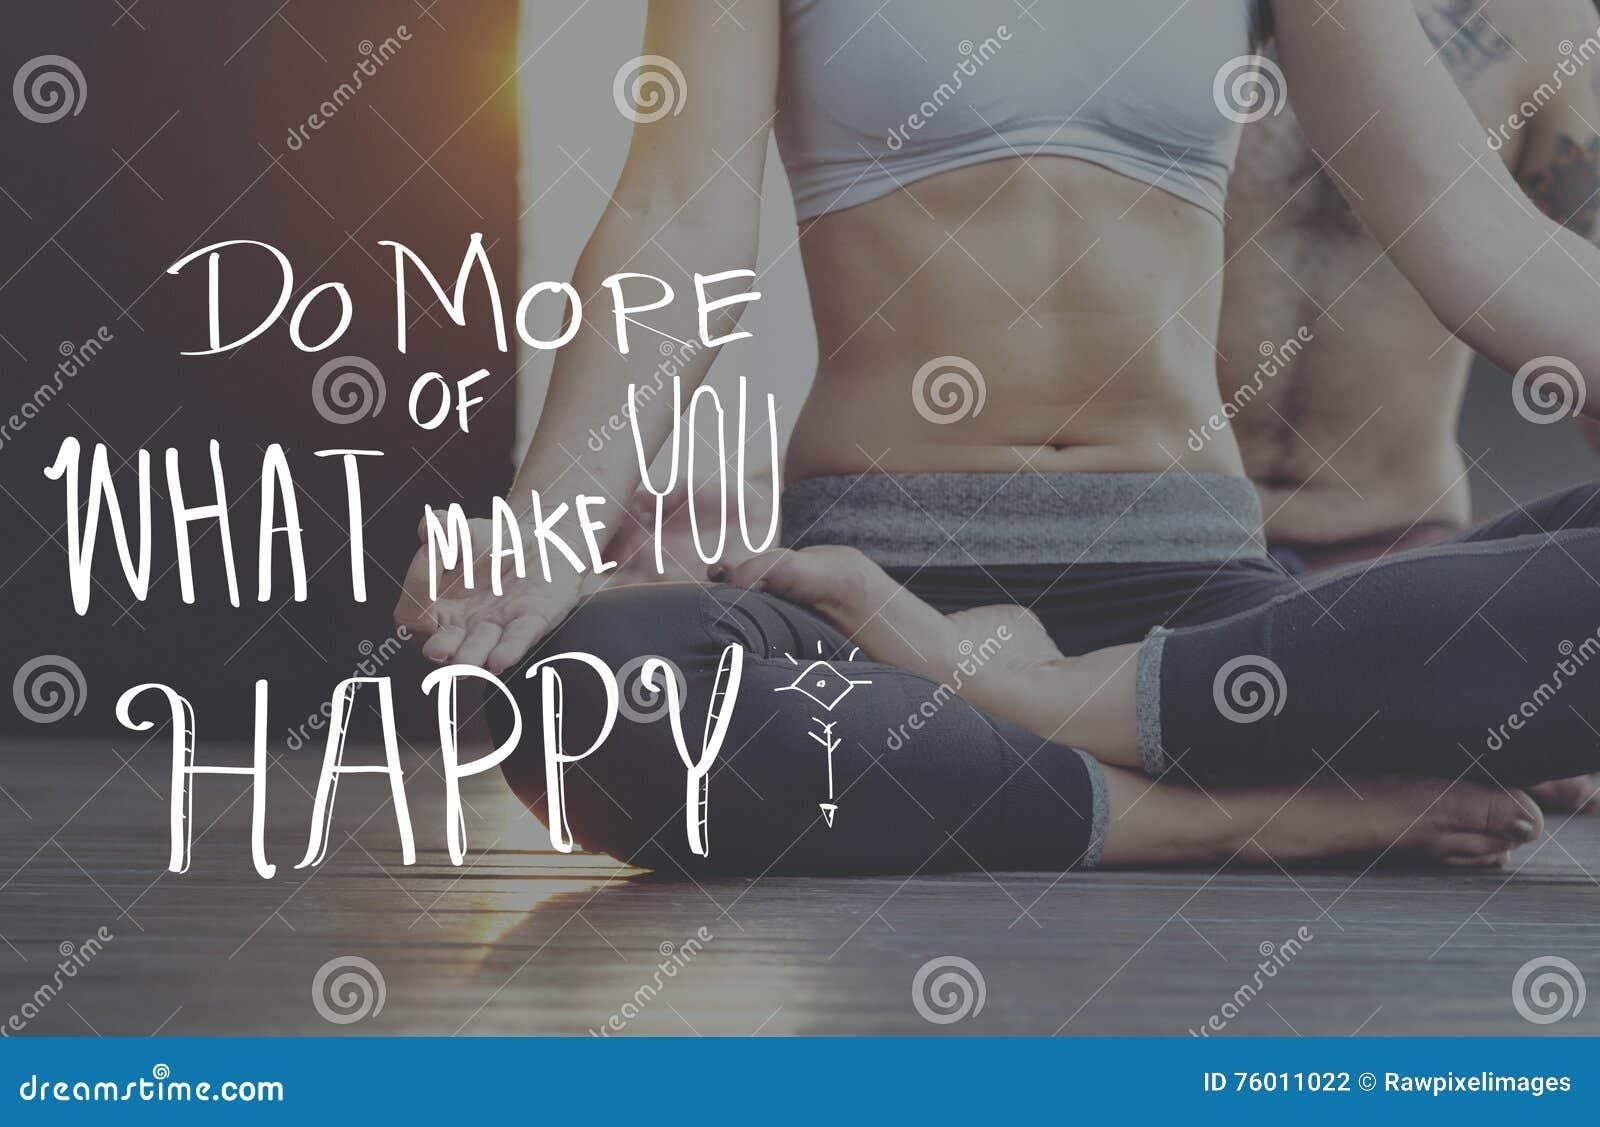 Lebensstil-positives Gedanken-Sinnesleben-Konzept